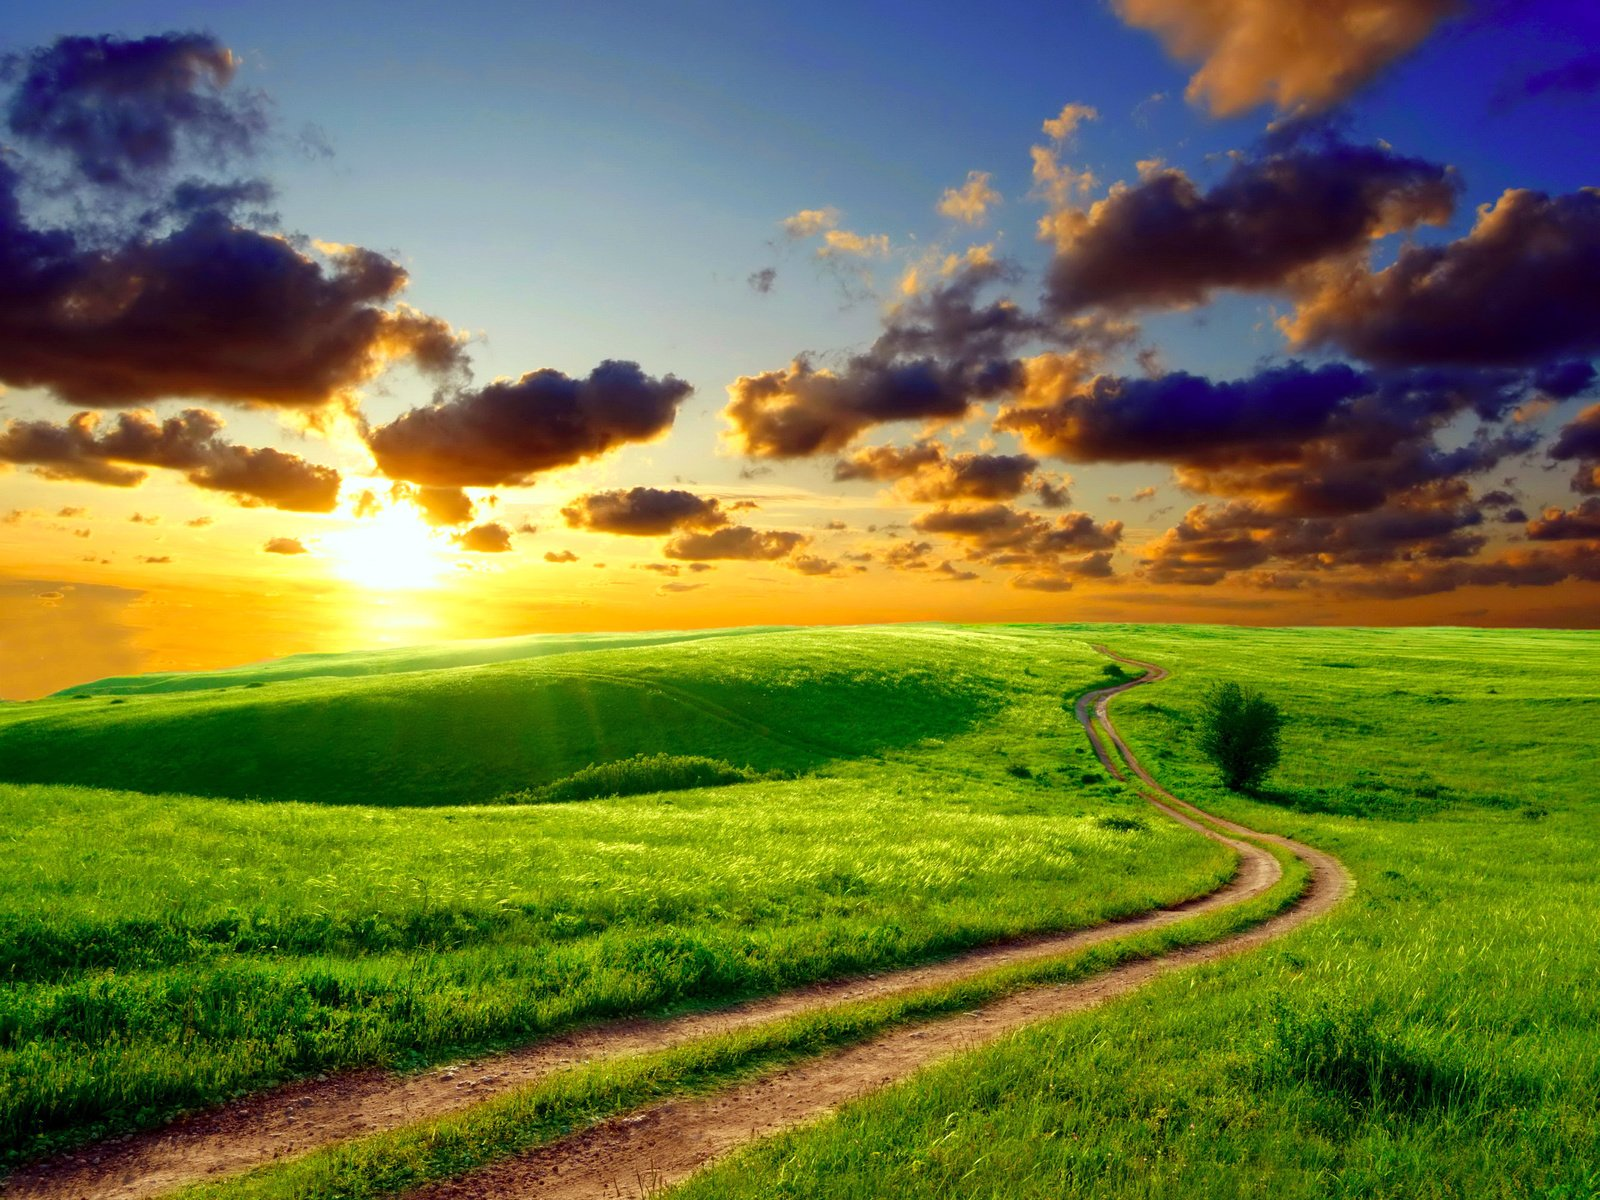 дорога поле закат облака небо бесплатно